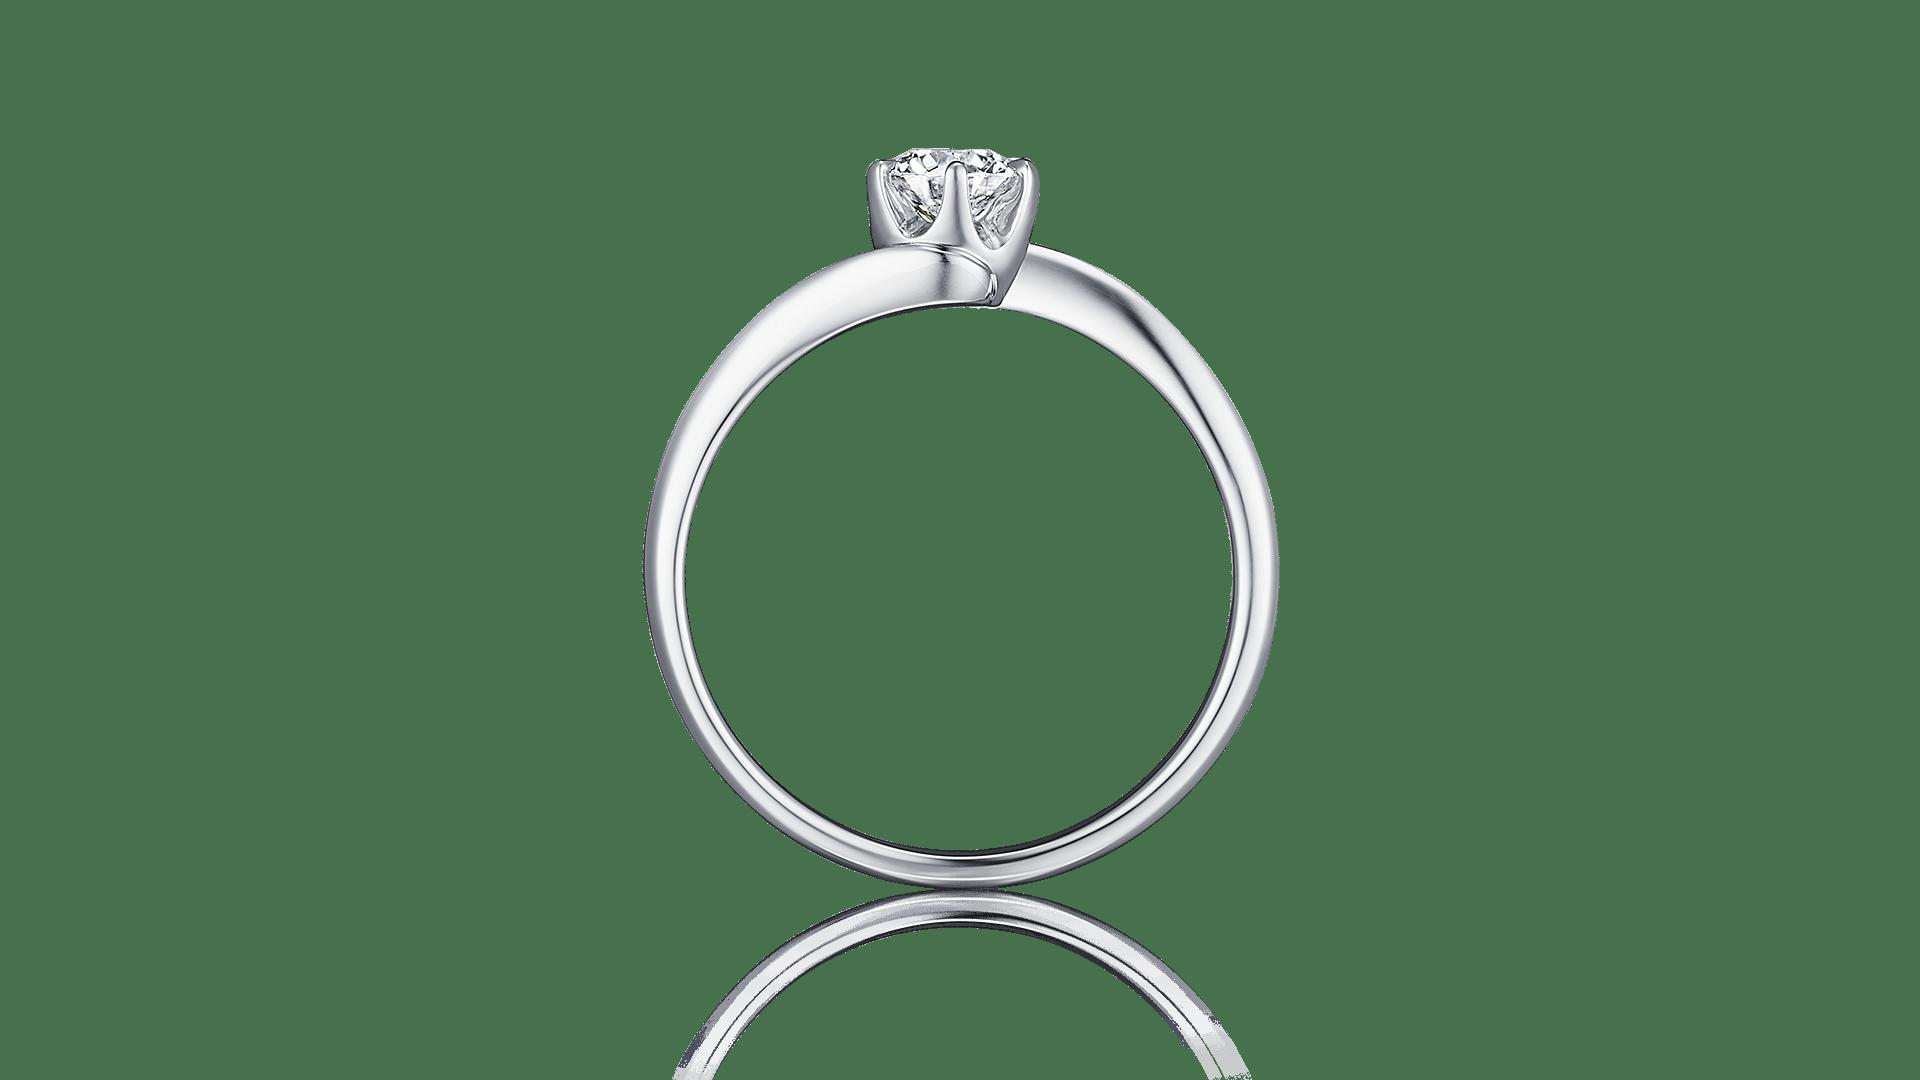 aldera アルデラ | 婚約指輪サムネイル 2